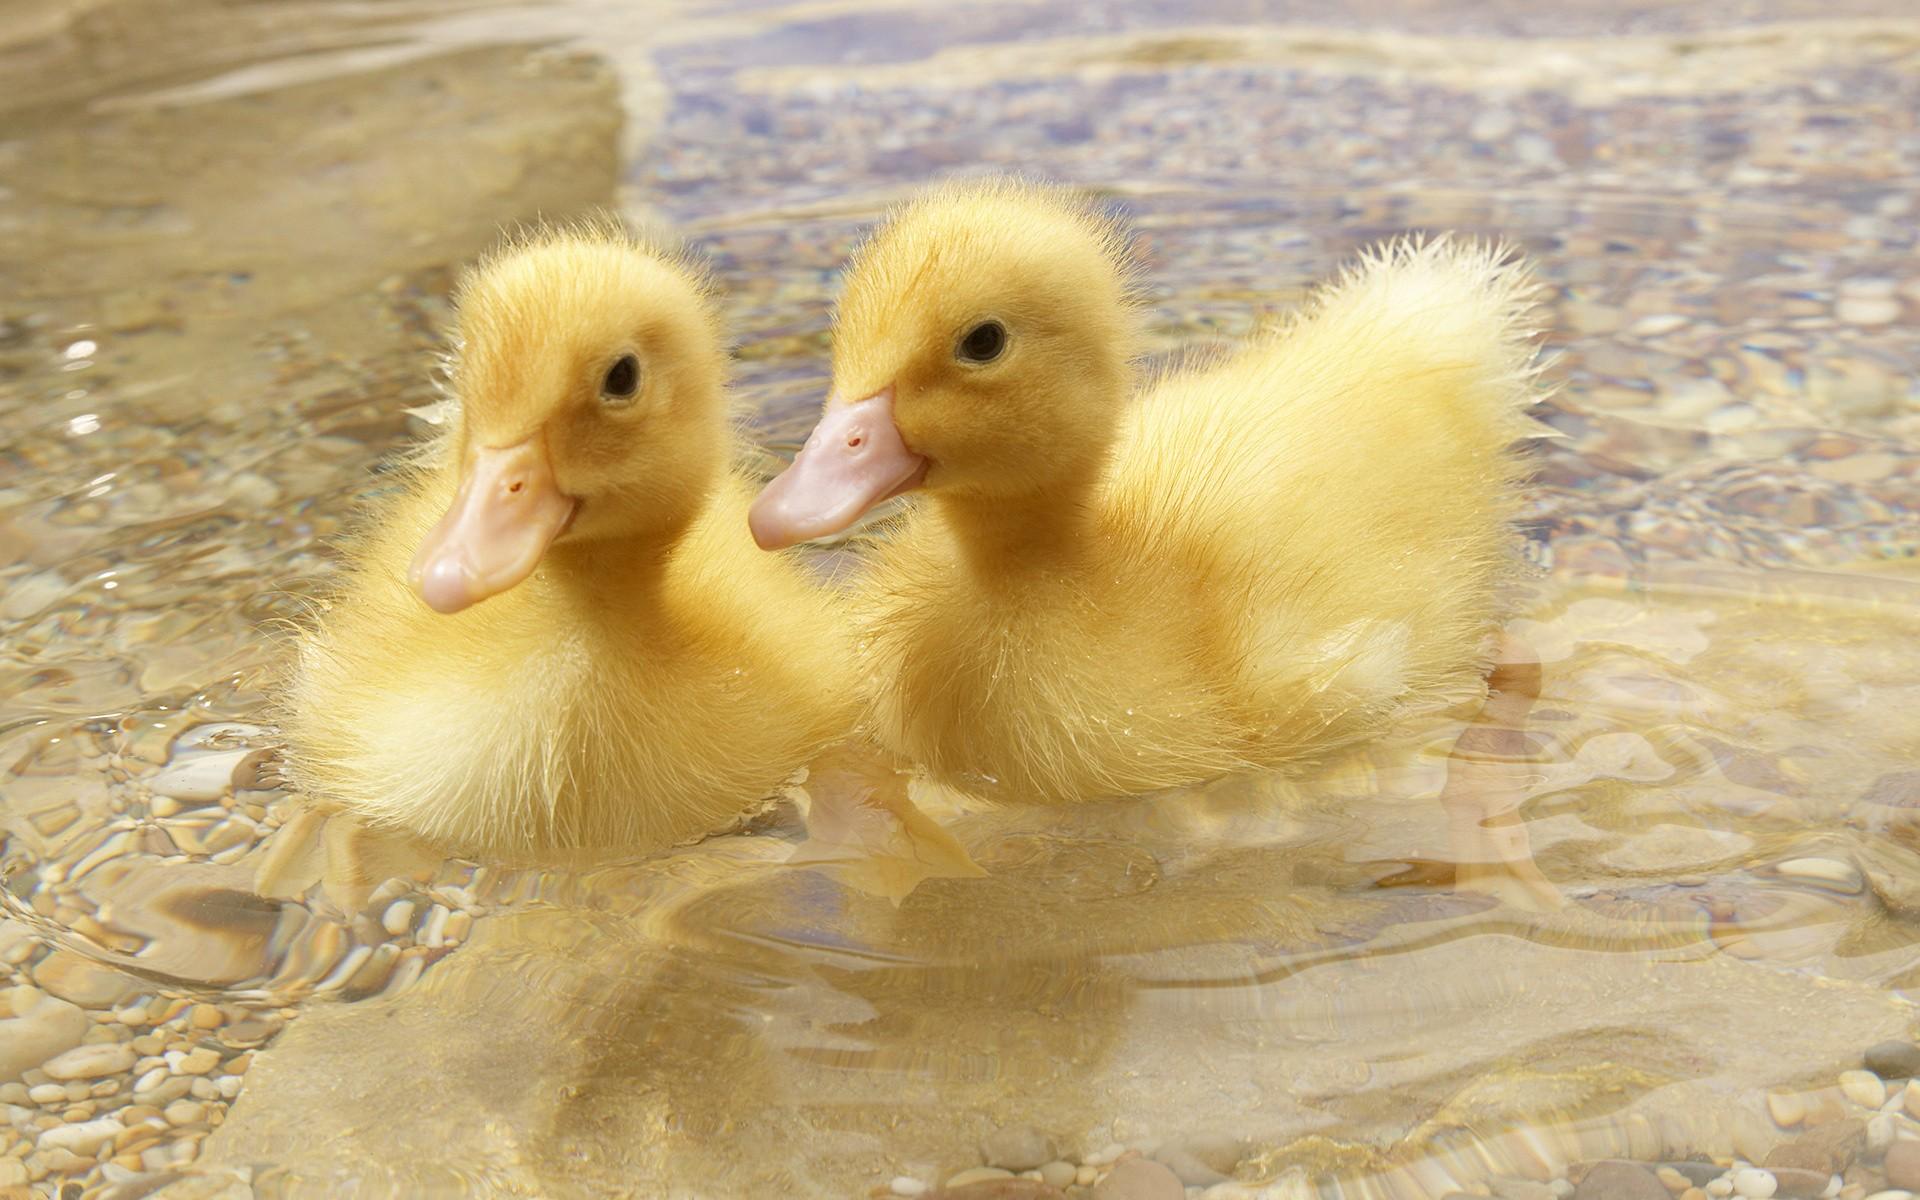 Ducks Duckling Baby Birds Wallpaper